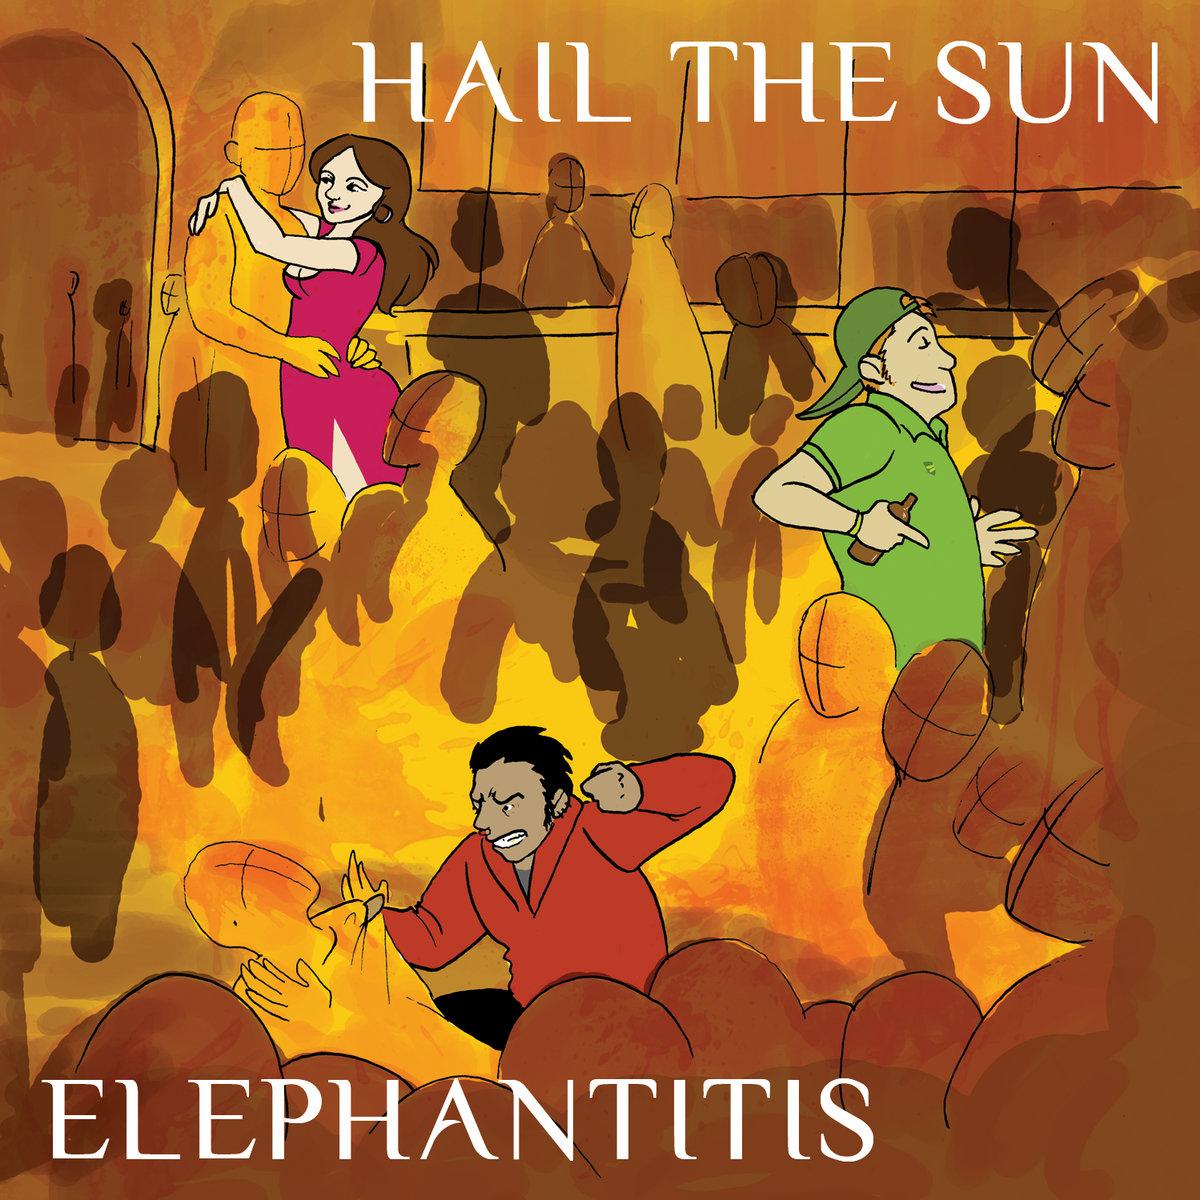 hail the sun elephantitis